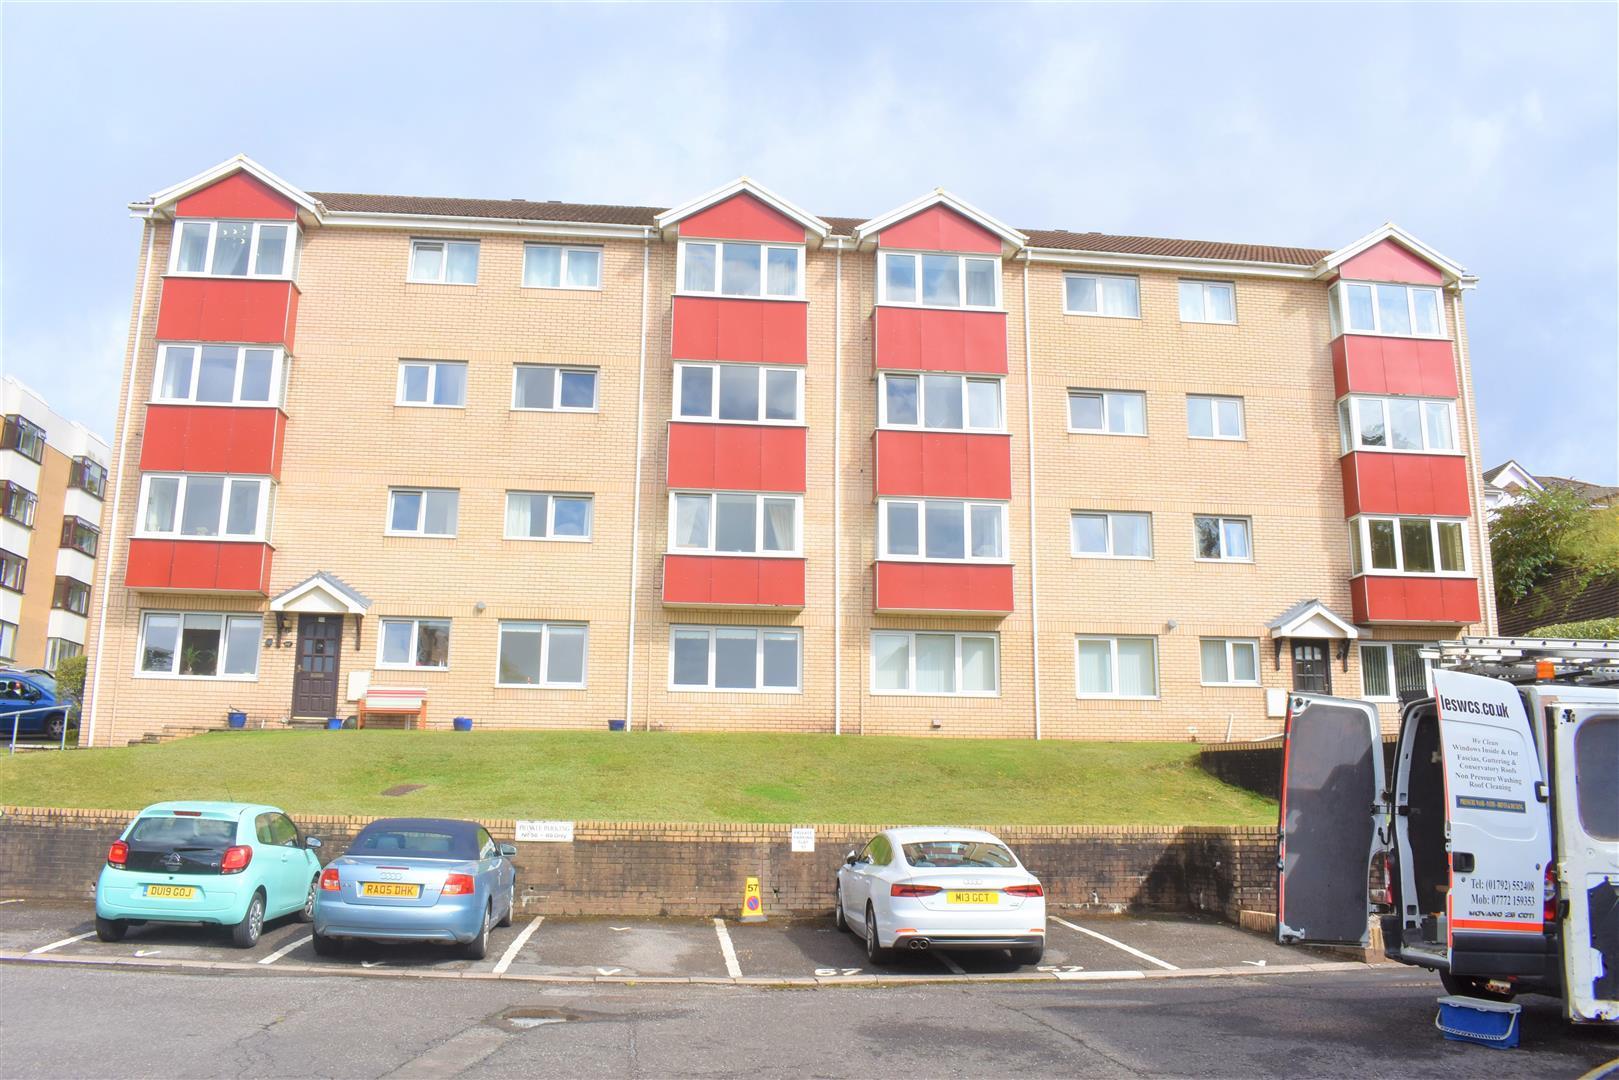 Long Oaks Court, Sketty, Swansea, SA2 0QH